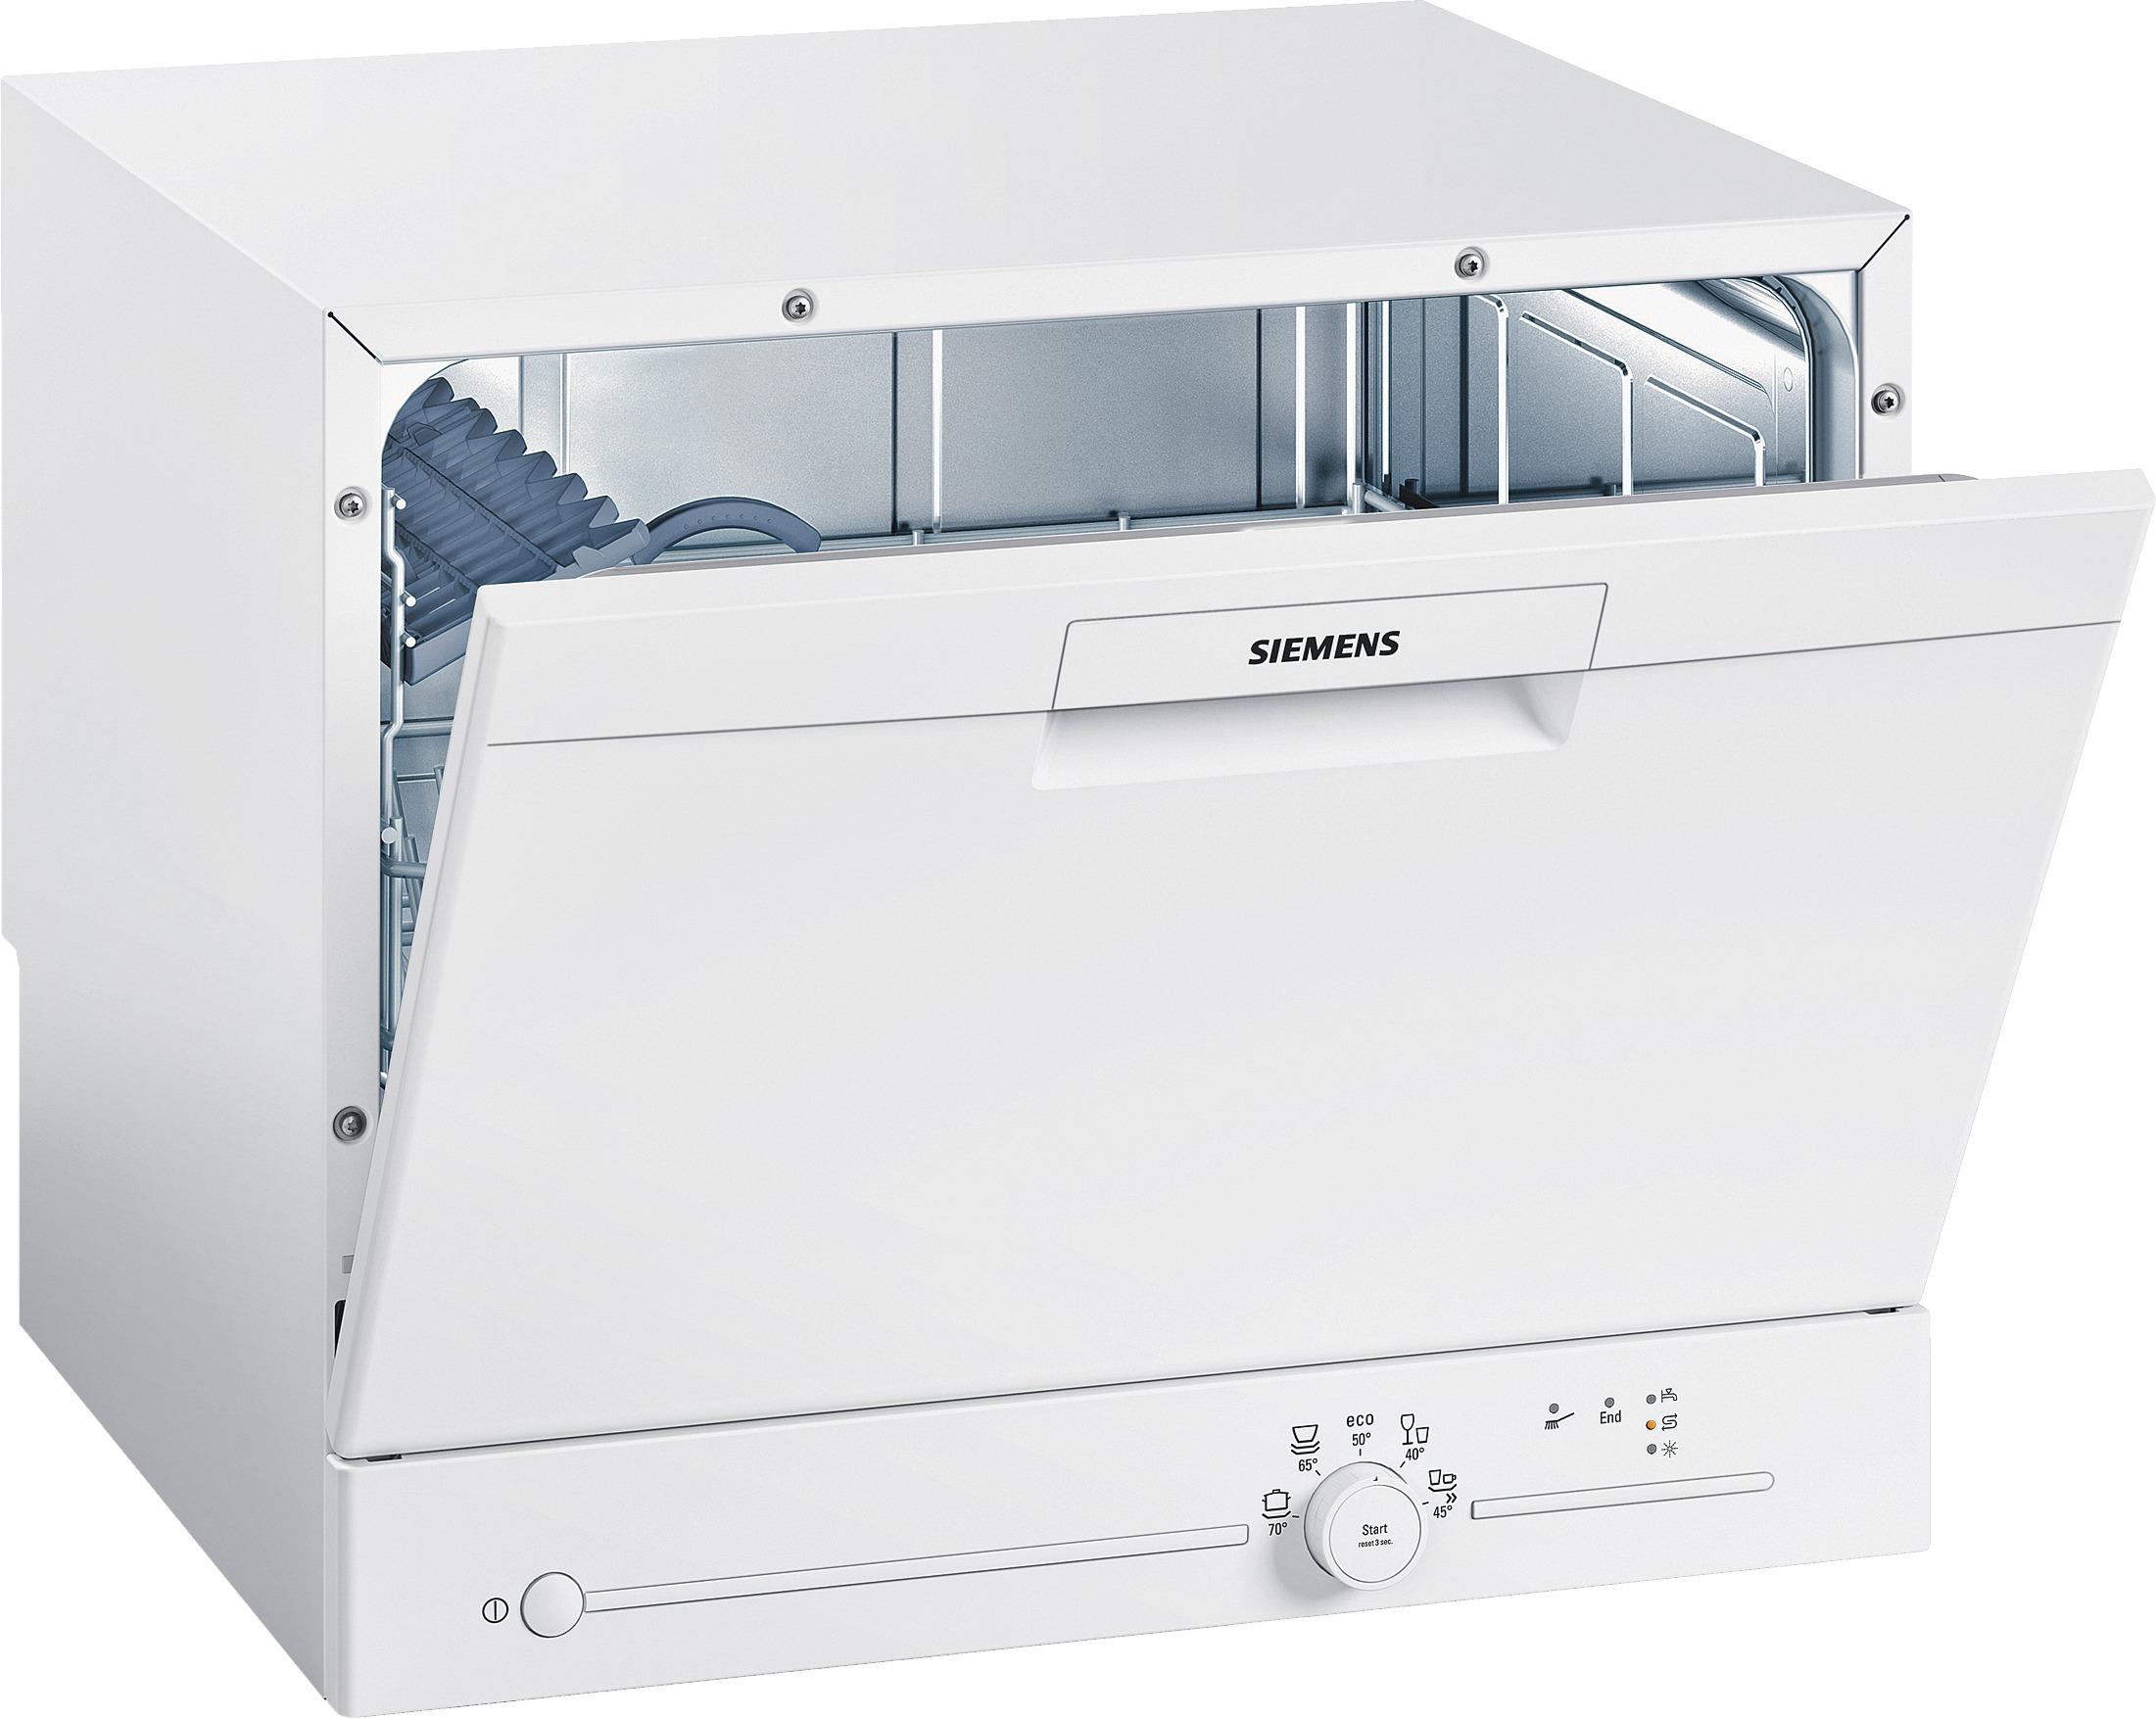 Siemens SK25E203EU vrijstaande vaatwasser